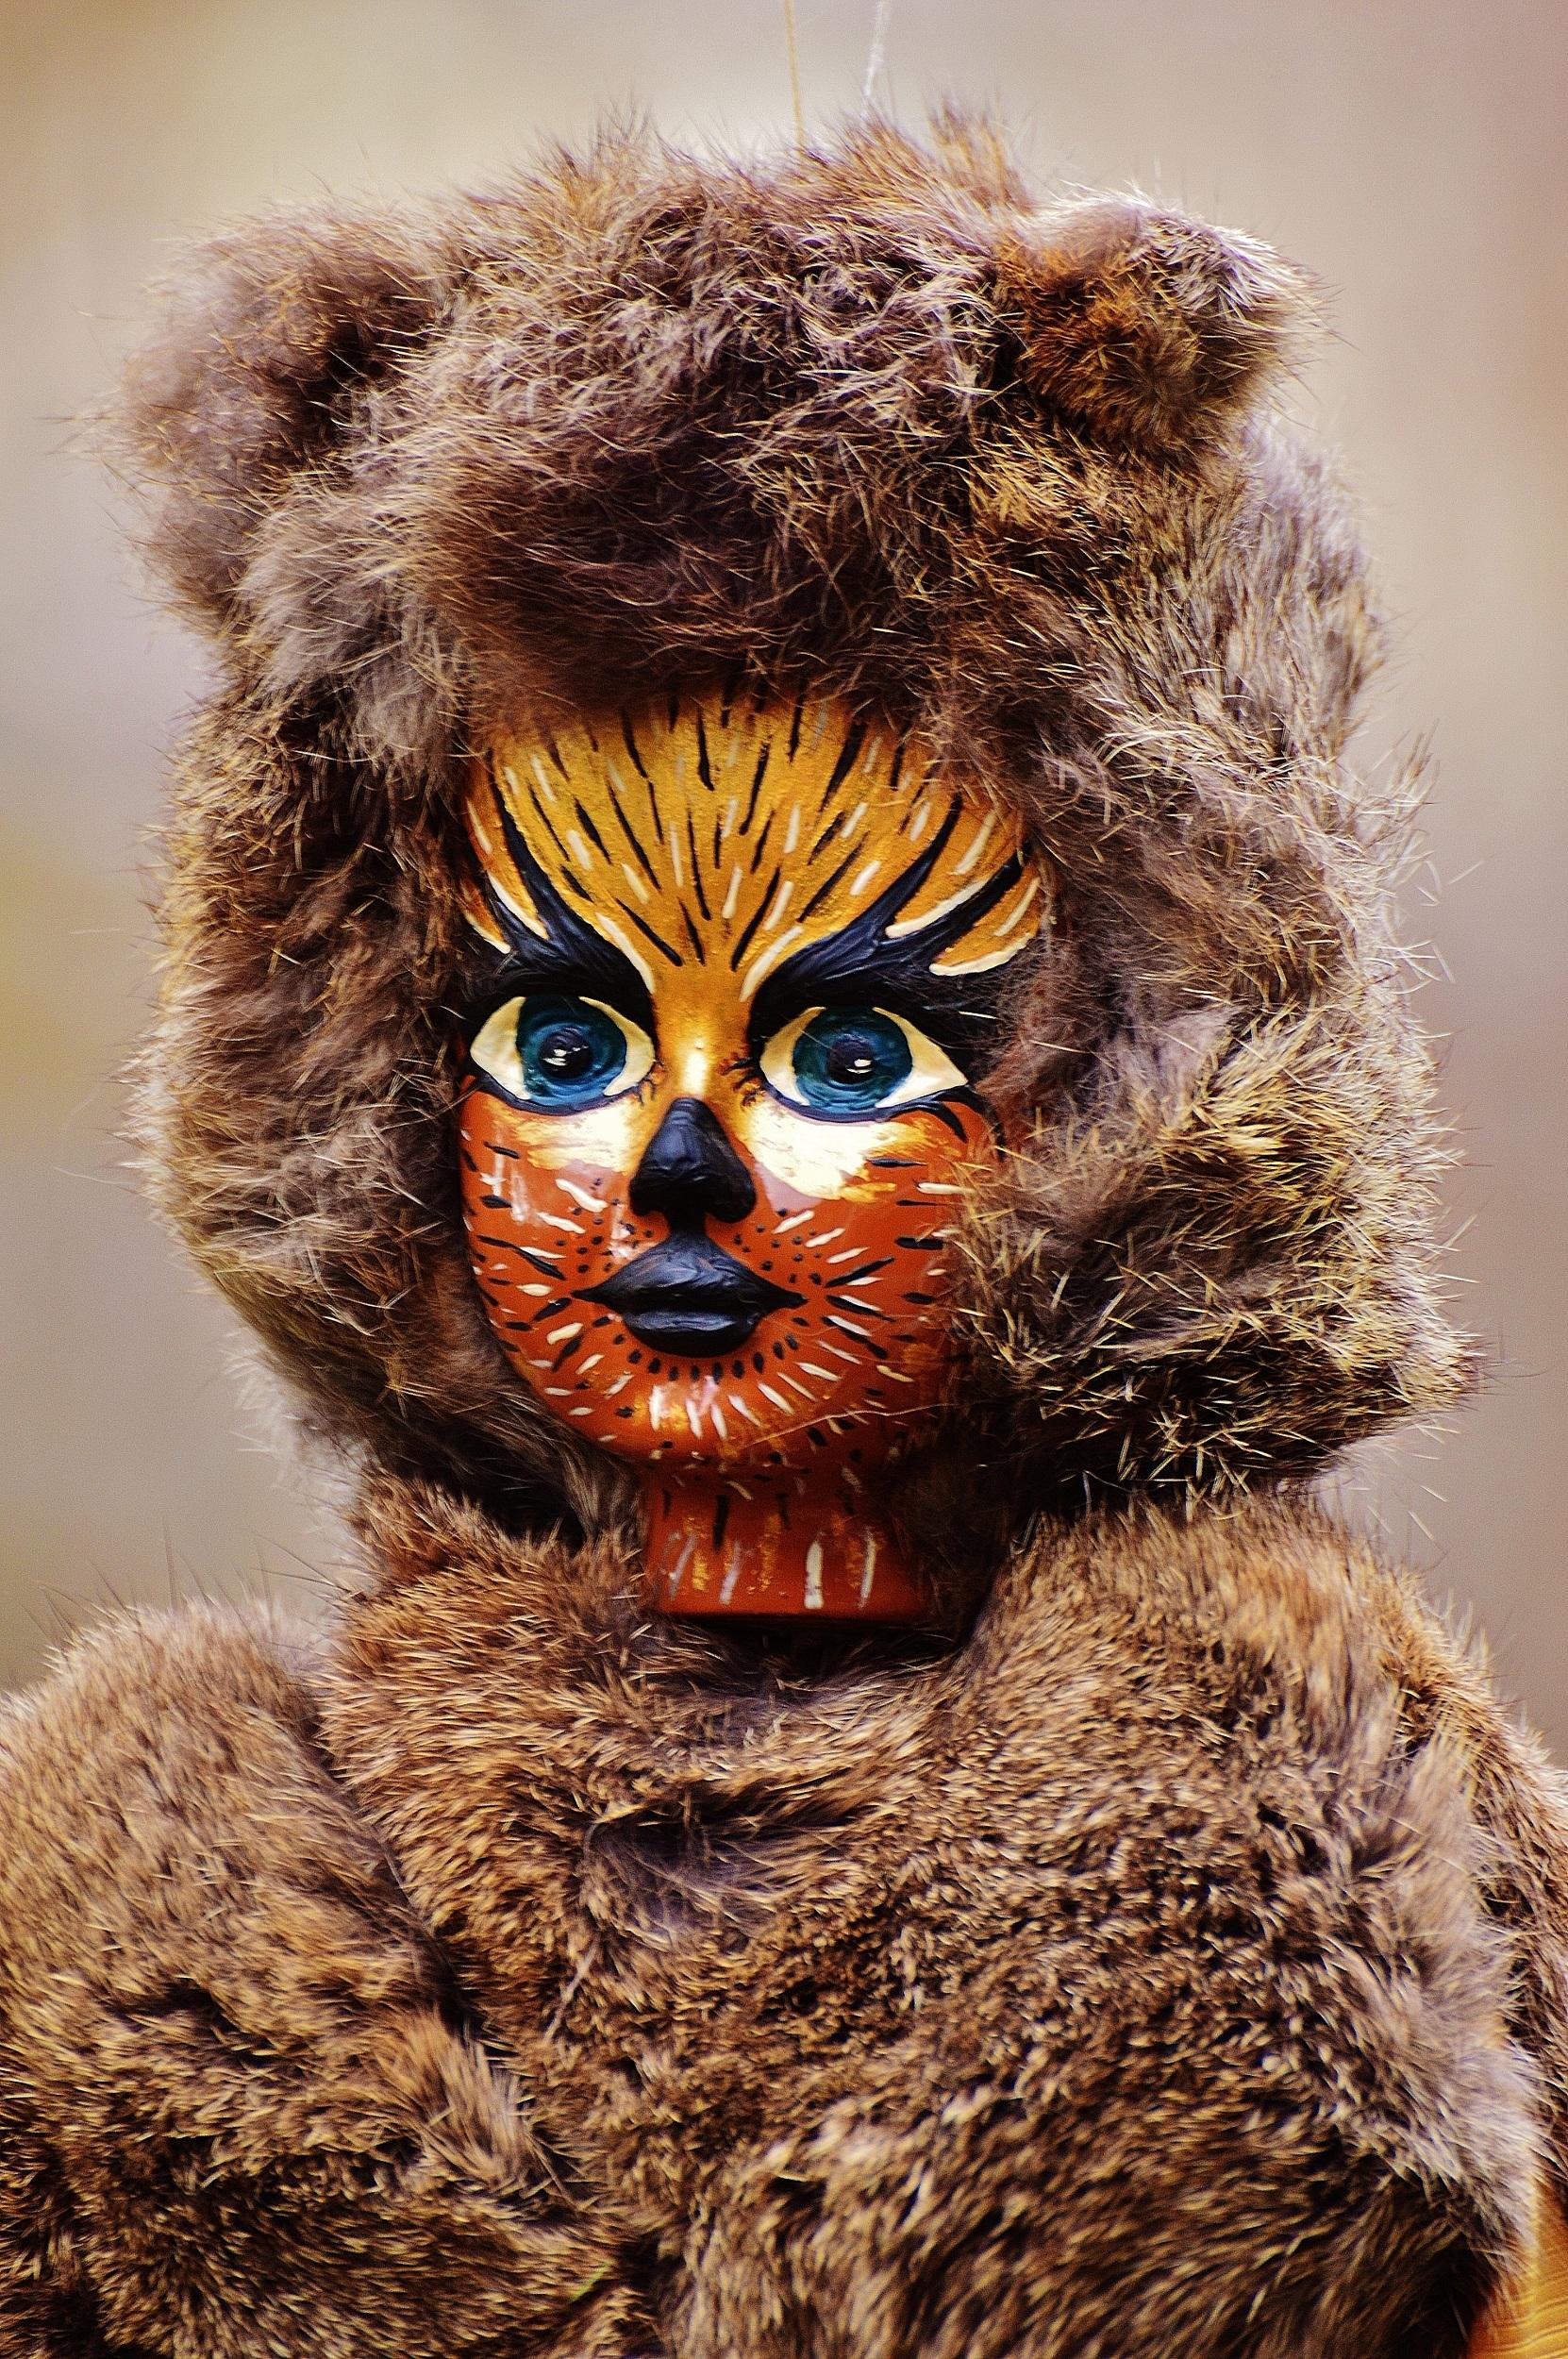 Fotoğraf Vahşi Hayat Kürk Karnaval Kedi Renk Memeli Boyama